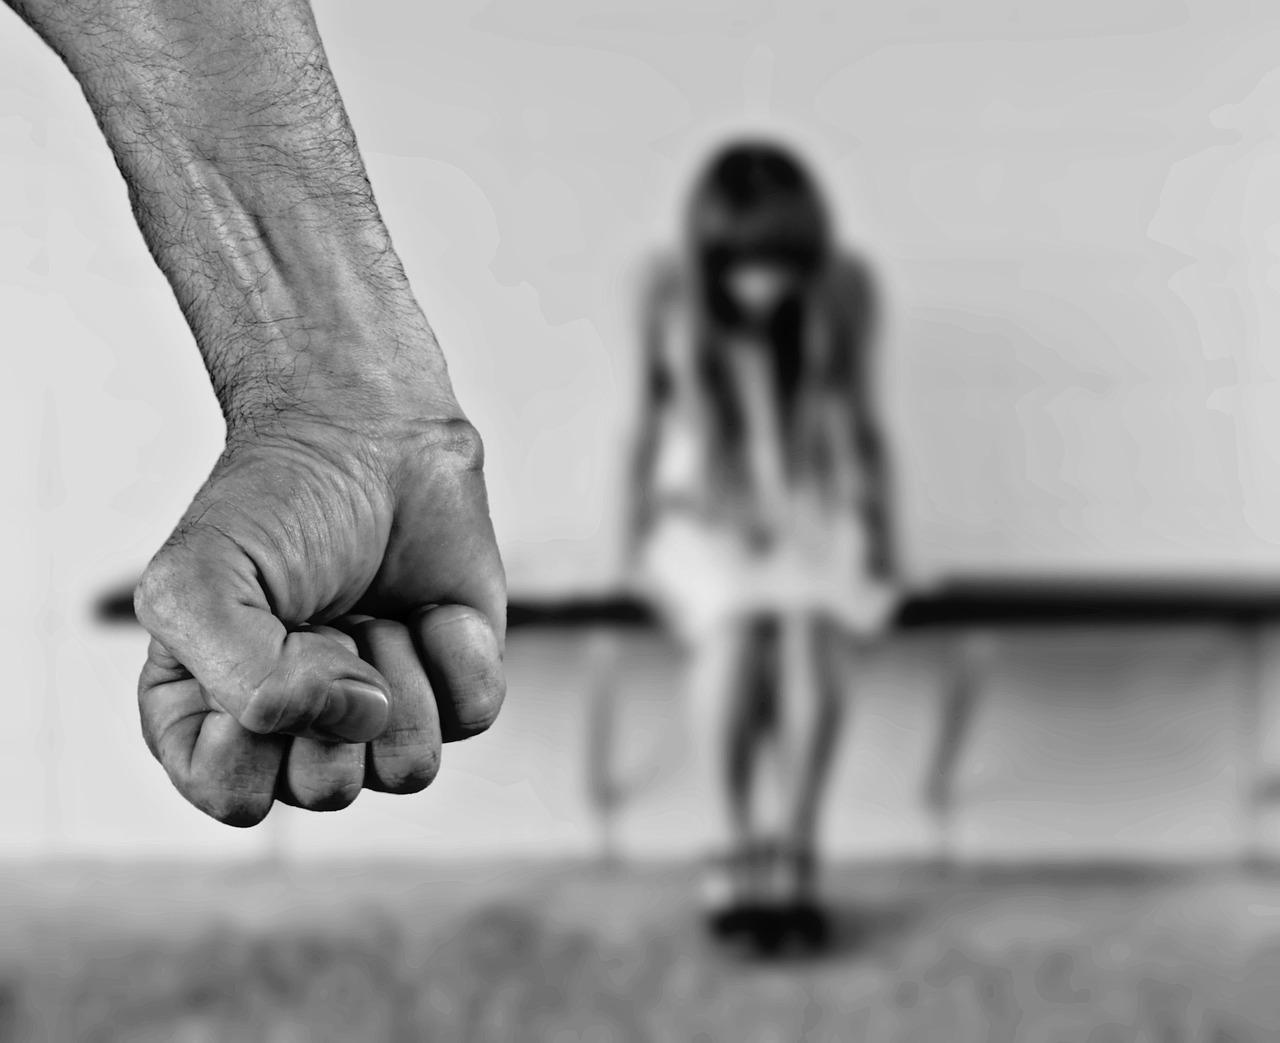 Ιωάννινα: 25χρονος «Δράκος» επιτέθηκε σε 14 γυναίκες – Η μία ανήλικη μαθήτρια